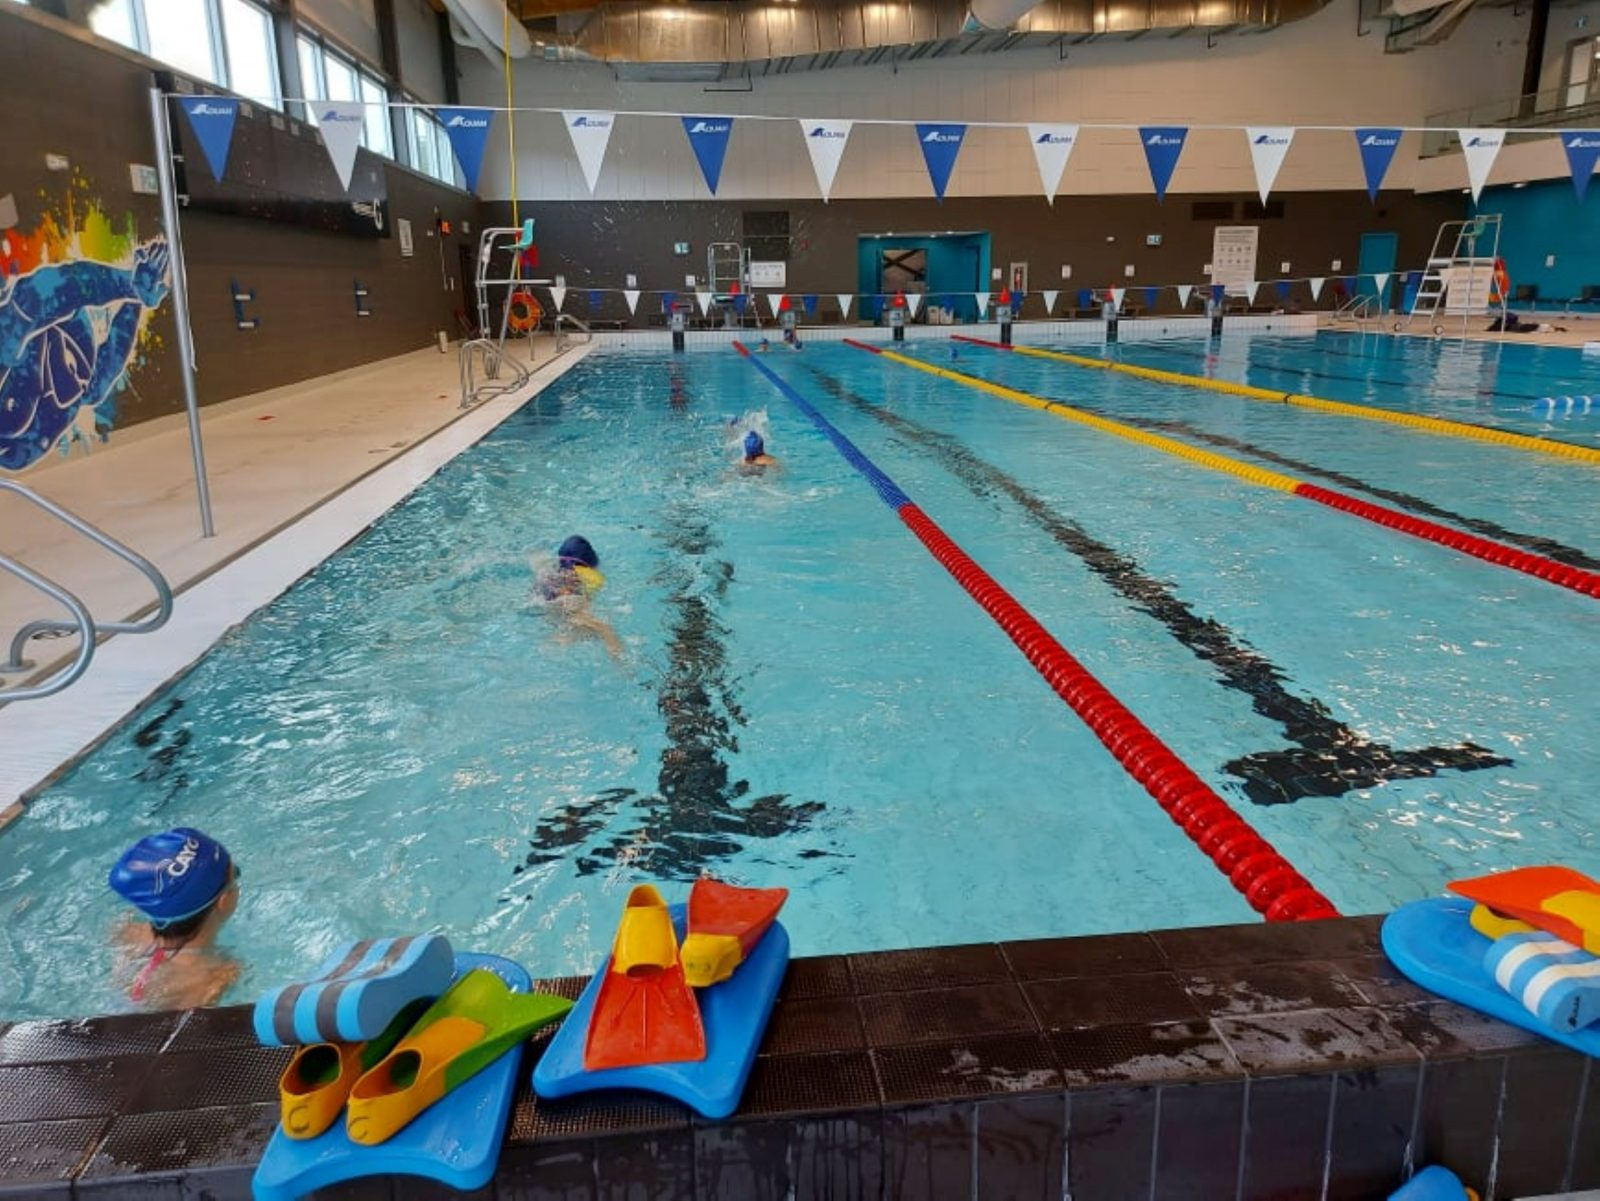 Club de natation AquaY'eau: À seulement quelques brasses du grand jour